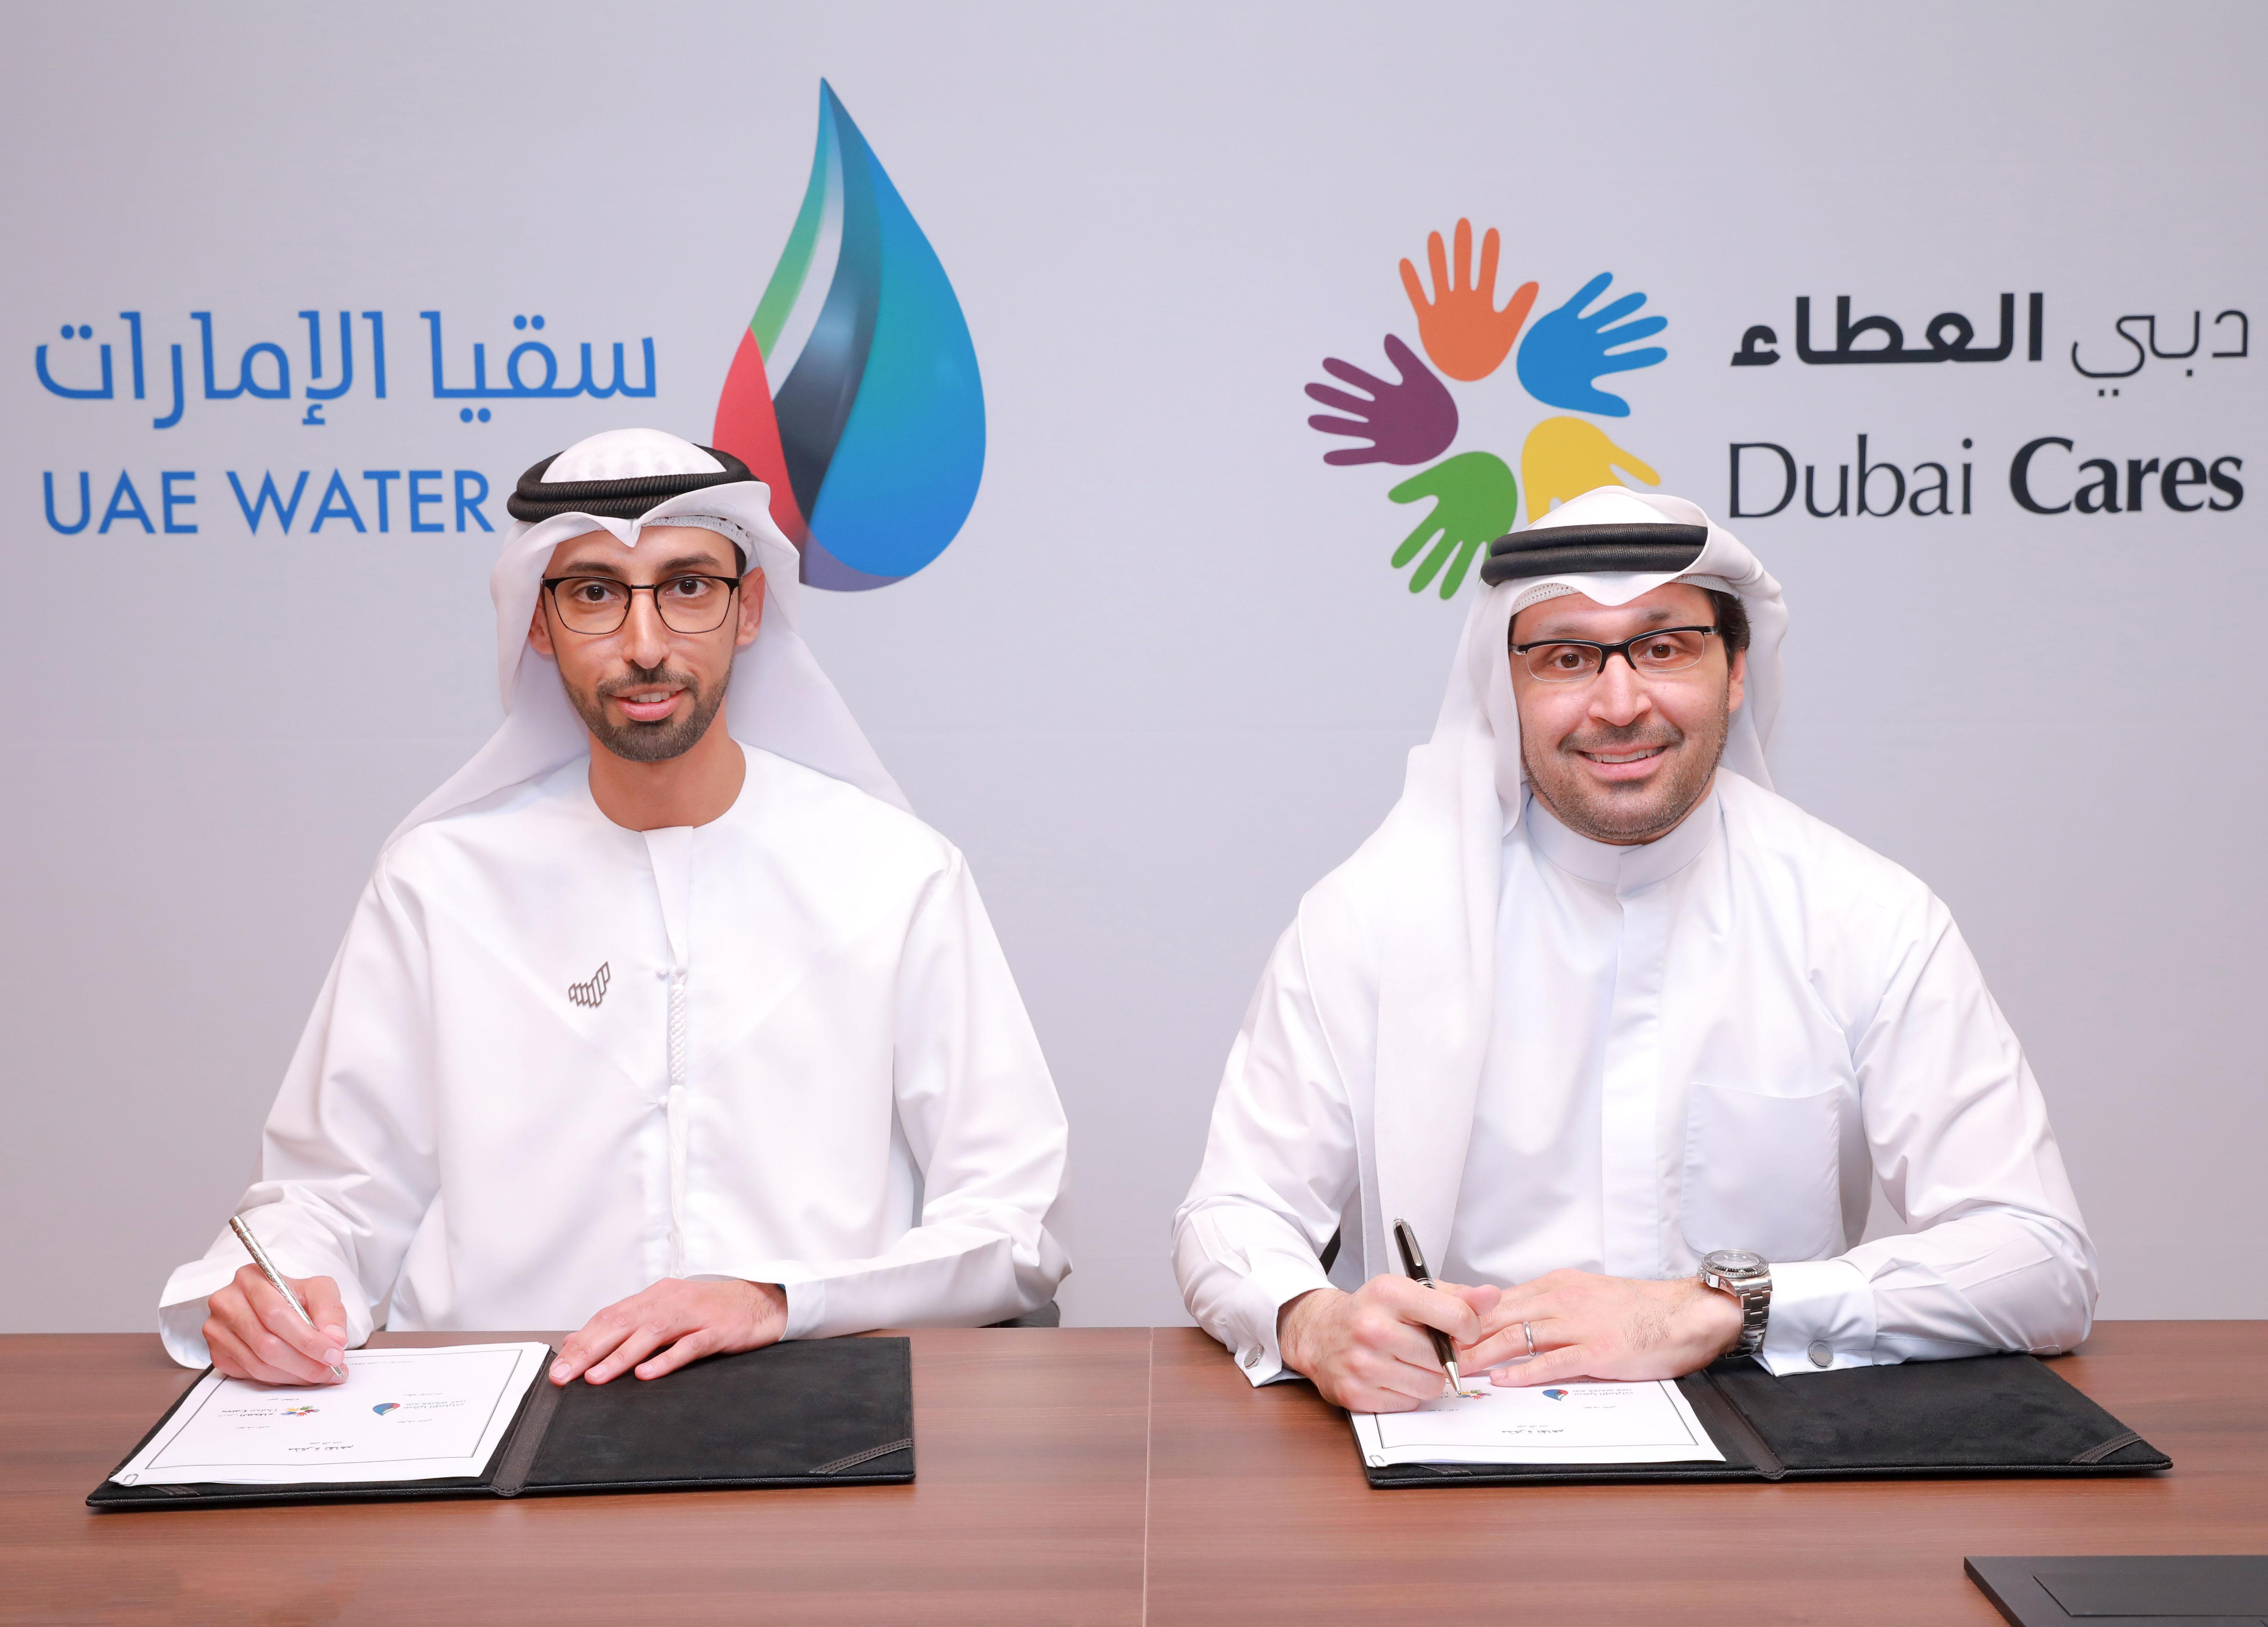 """""""سقيا الإمارات"""" و""""دبي العطاء"""" تتعاونان لتوفير المياه والمرافق الصحية في البلدان النامية"""